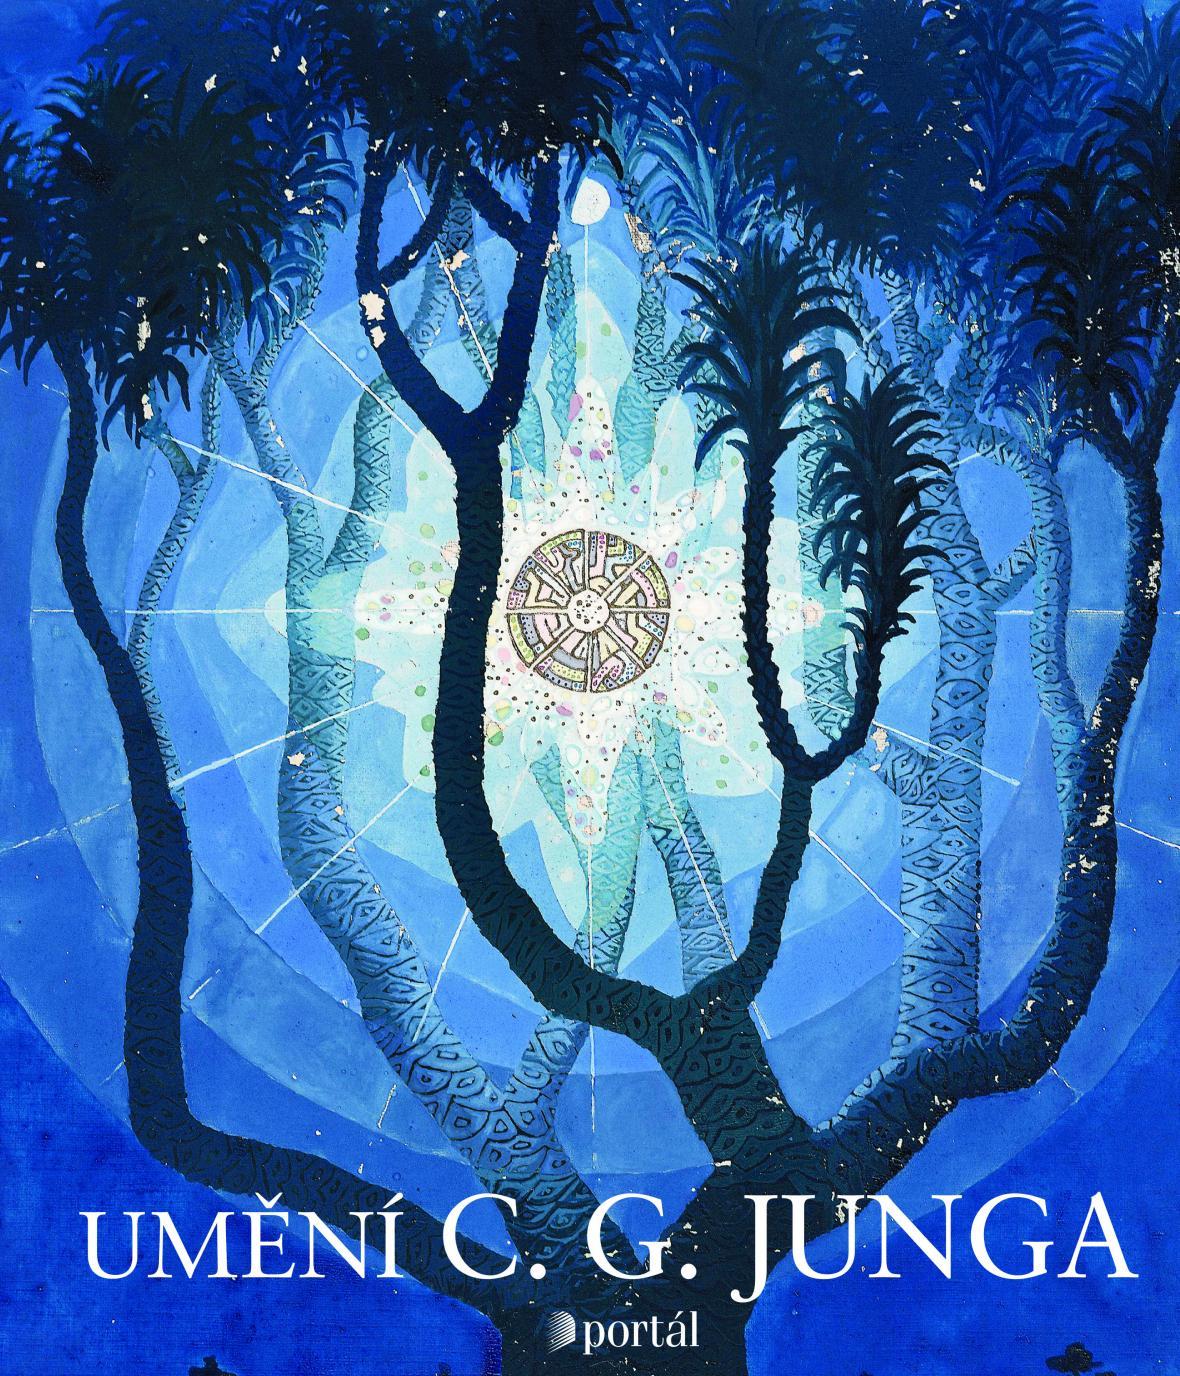 Umění C. G. Junga